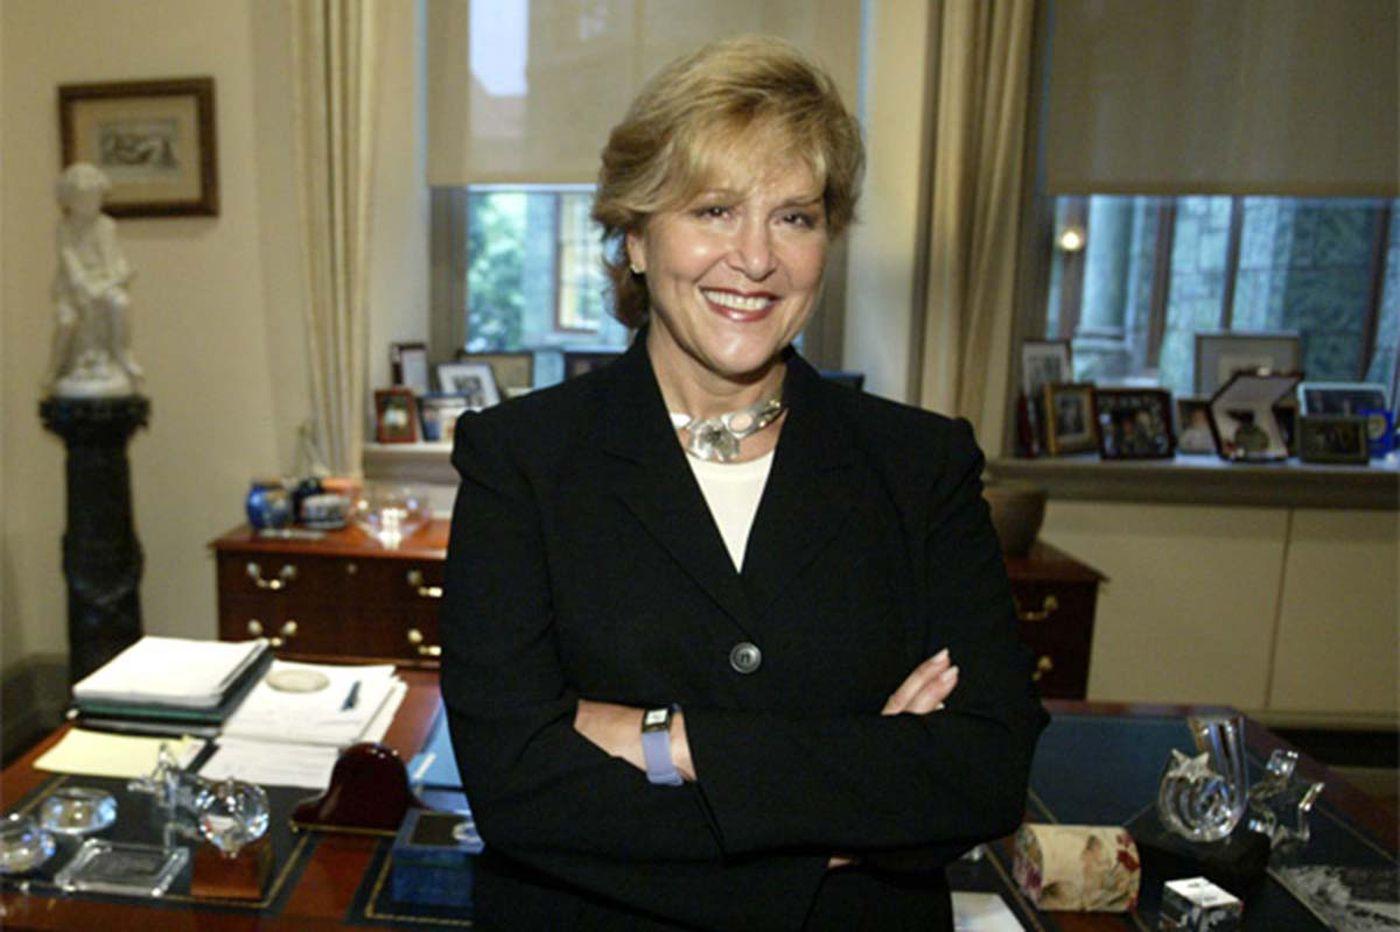 Former Penn president Judith Rodin stepping down at Rockefeller Foundation